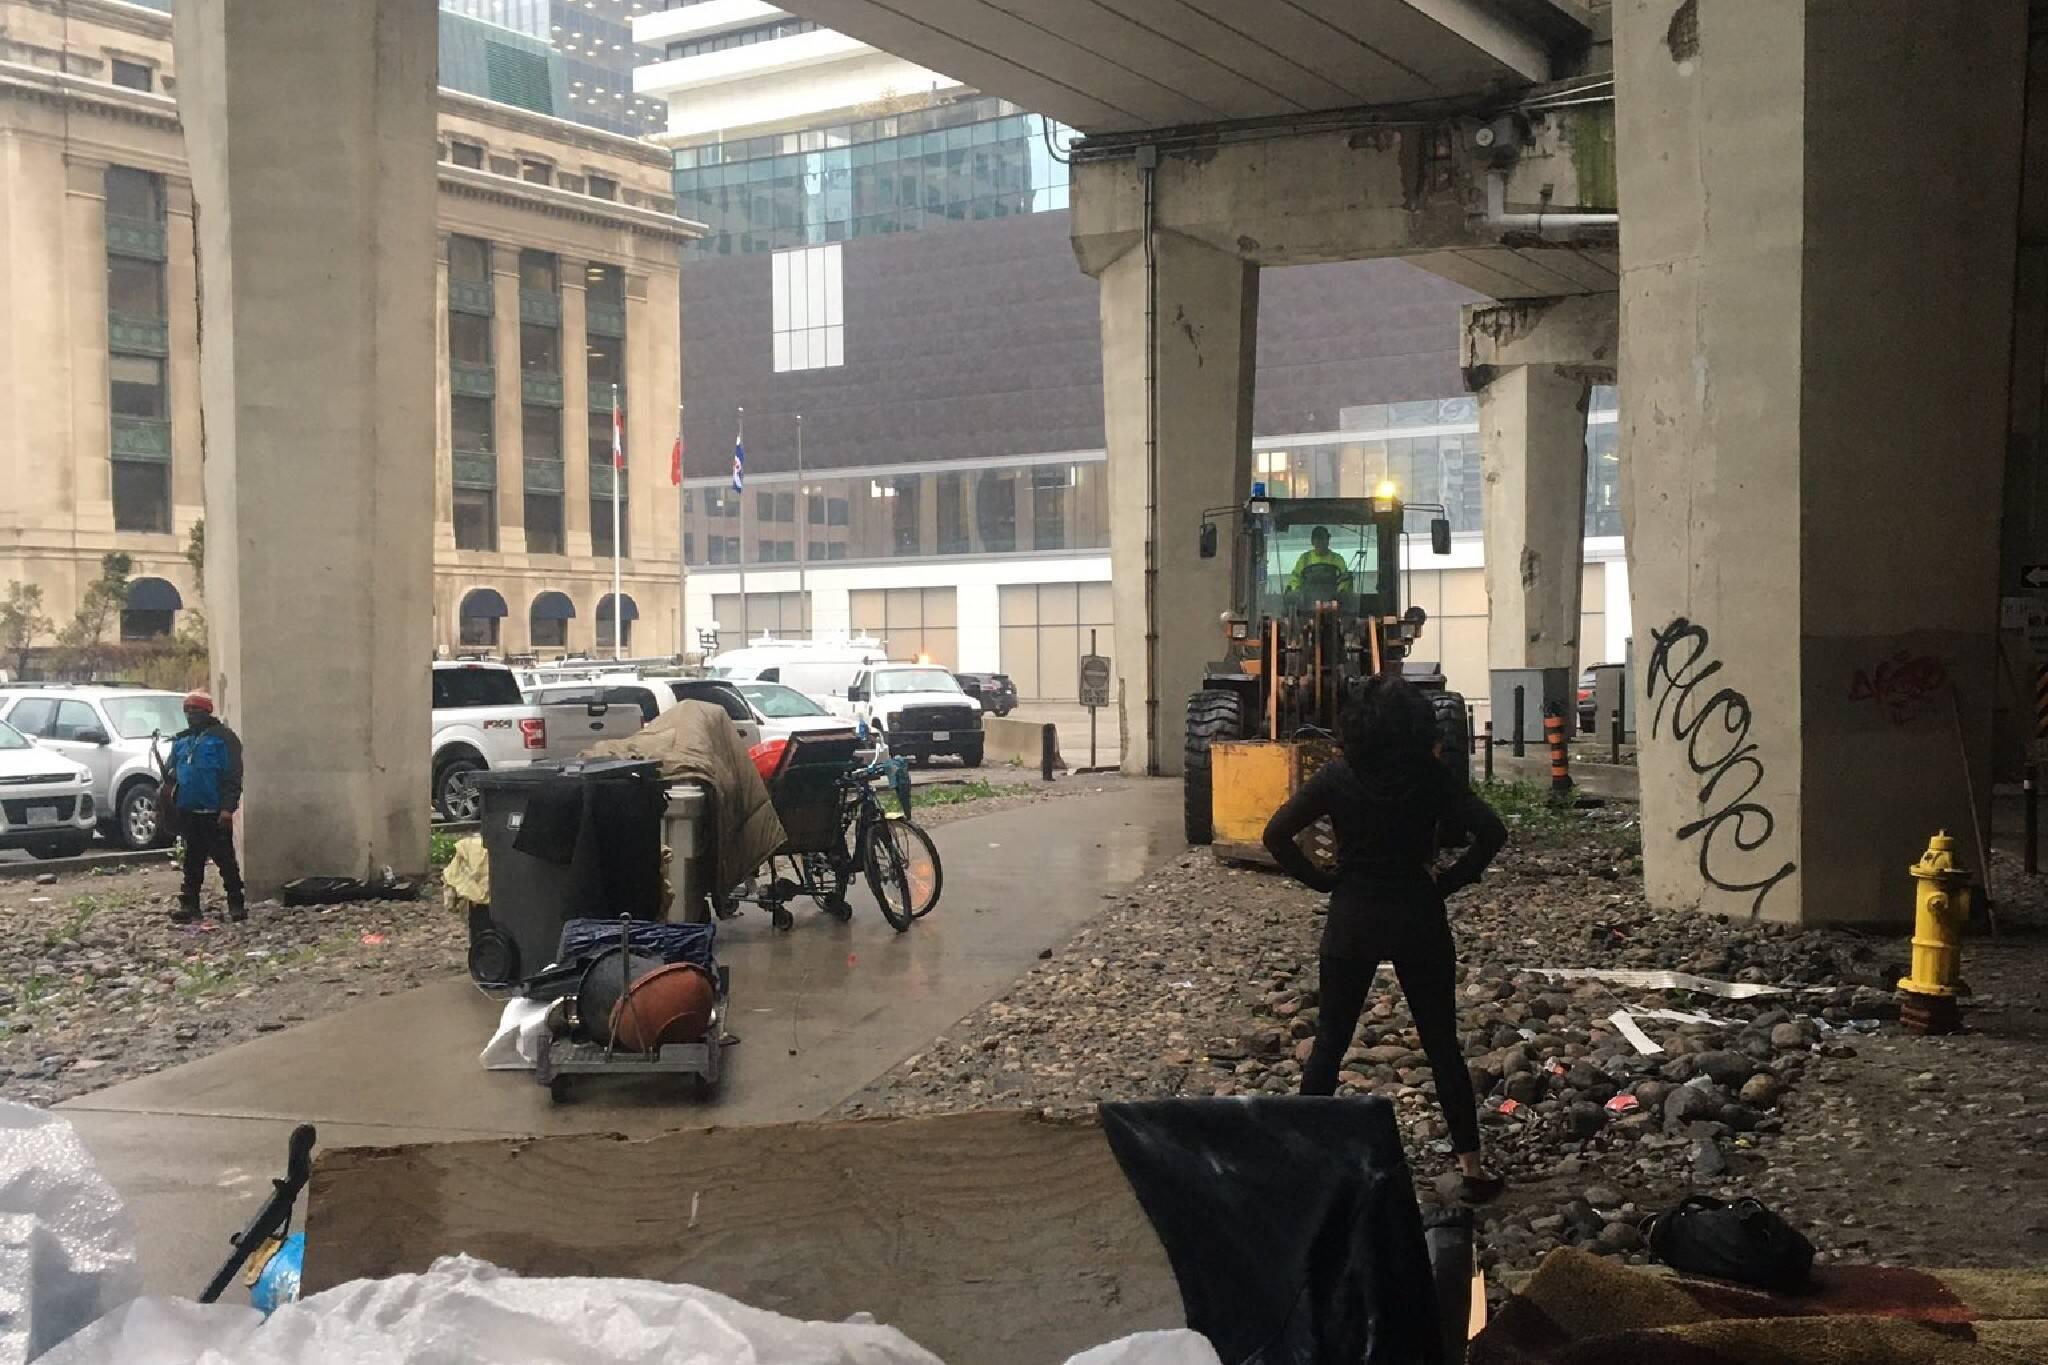 homeless encampments gardiner